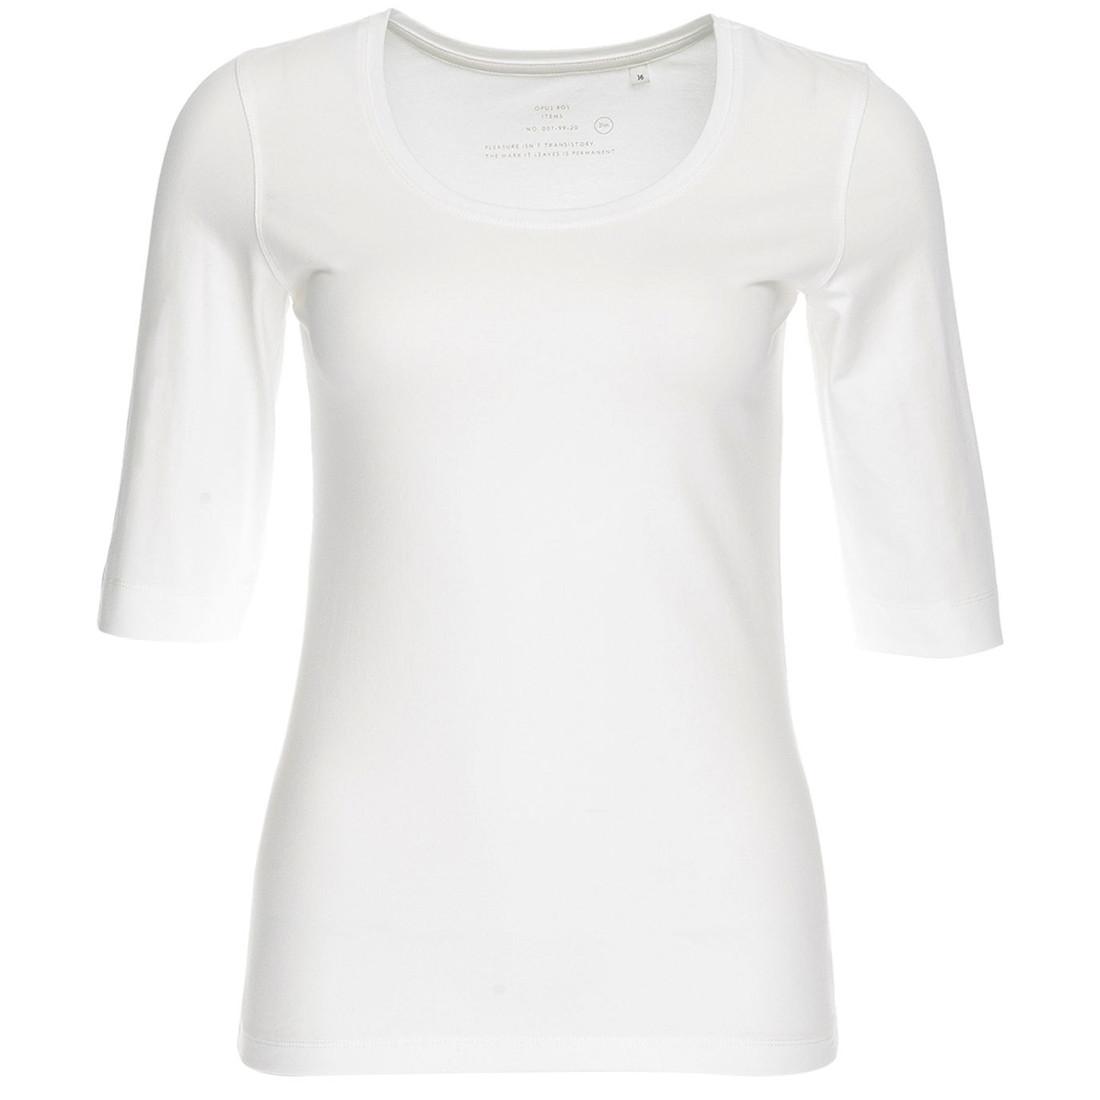 Opus t-shirt 120090601#290 in het Wit